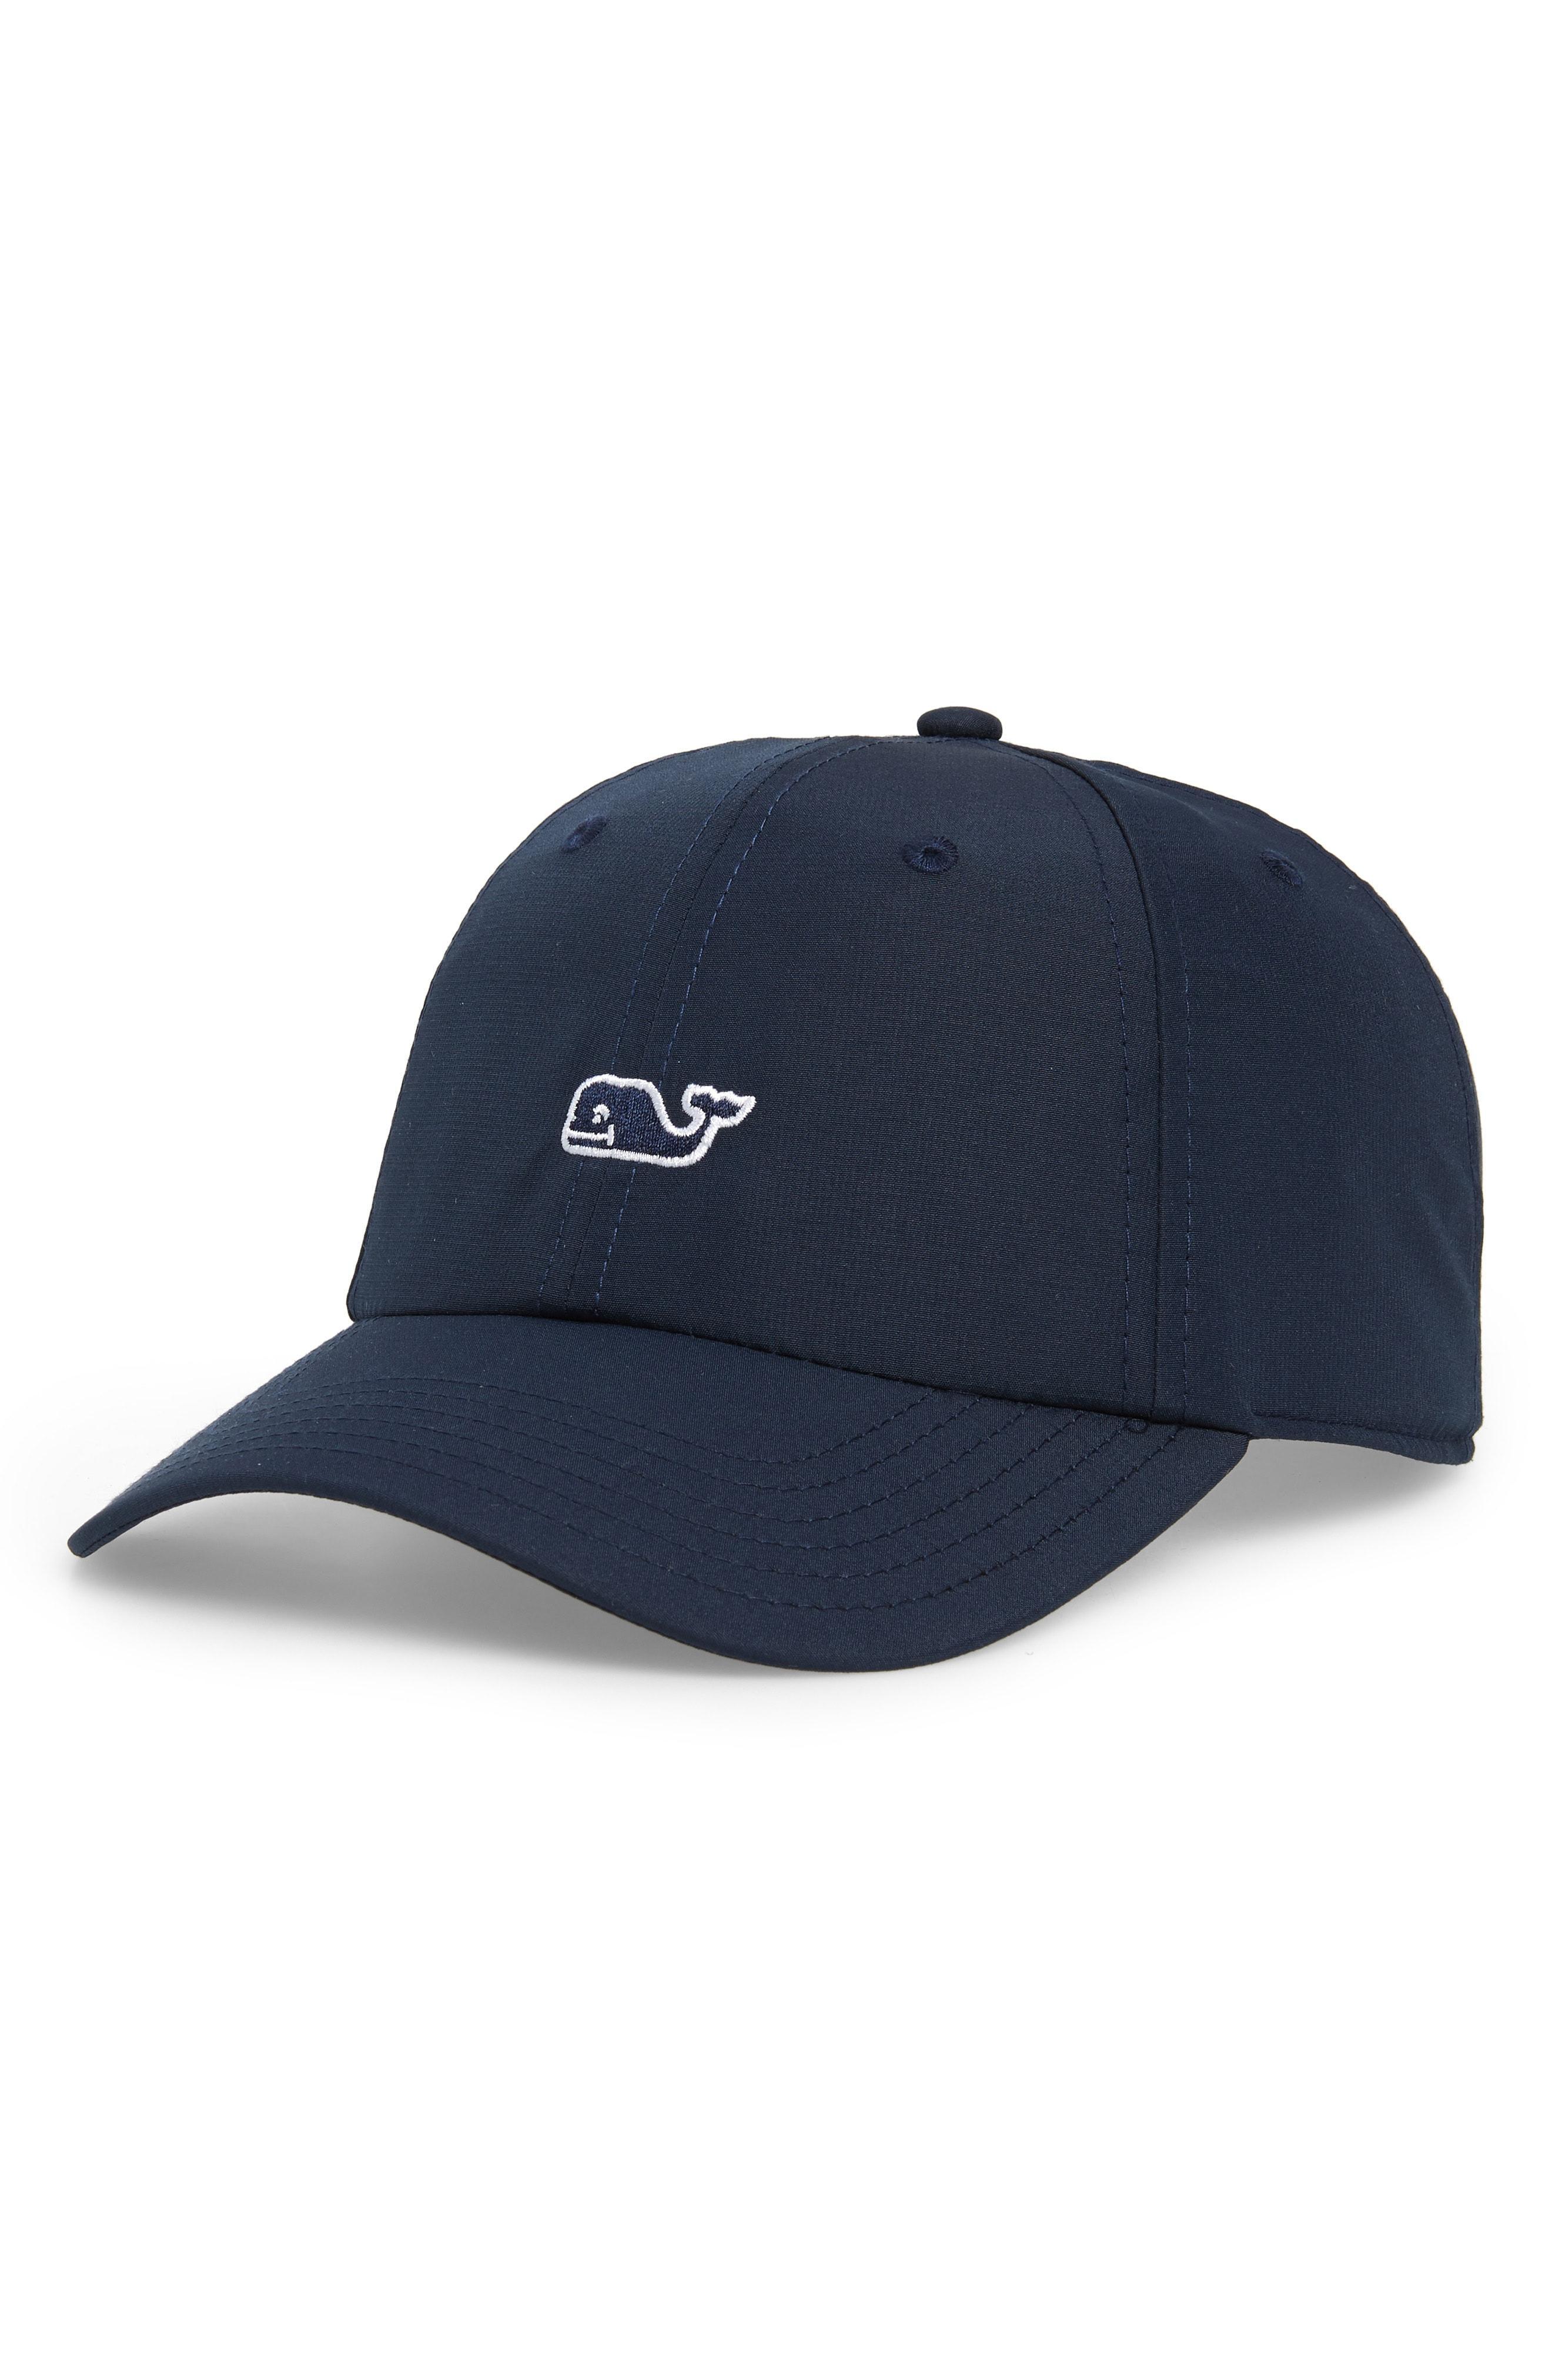 Vineyard Vines - Blue Whale Logo Baseball Cap for Men - Lyst. View  fullscreen 975021e61b59